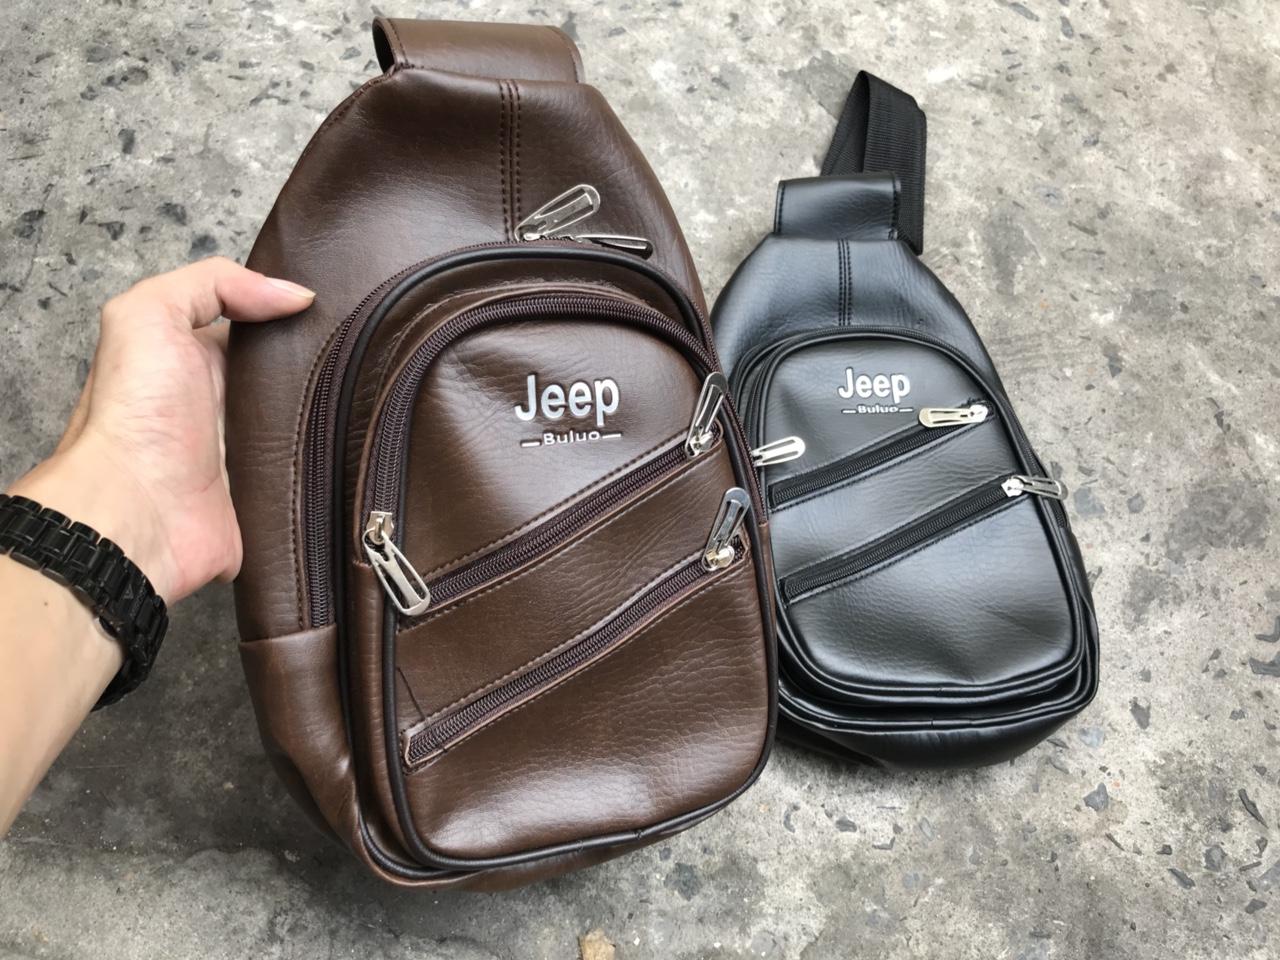 Túi đeo chéo da Jeep - tc giá sỉ và lẻ rẻ nhất